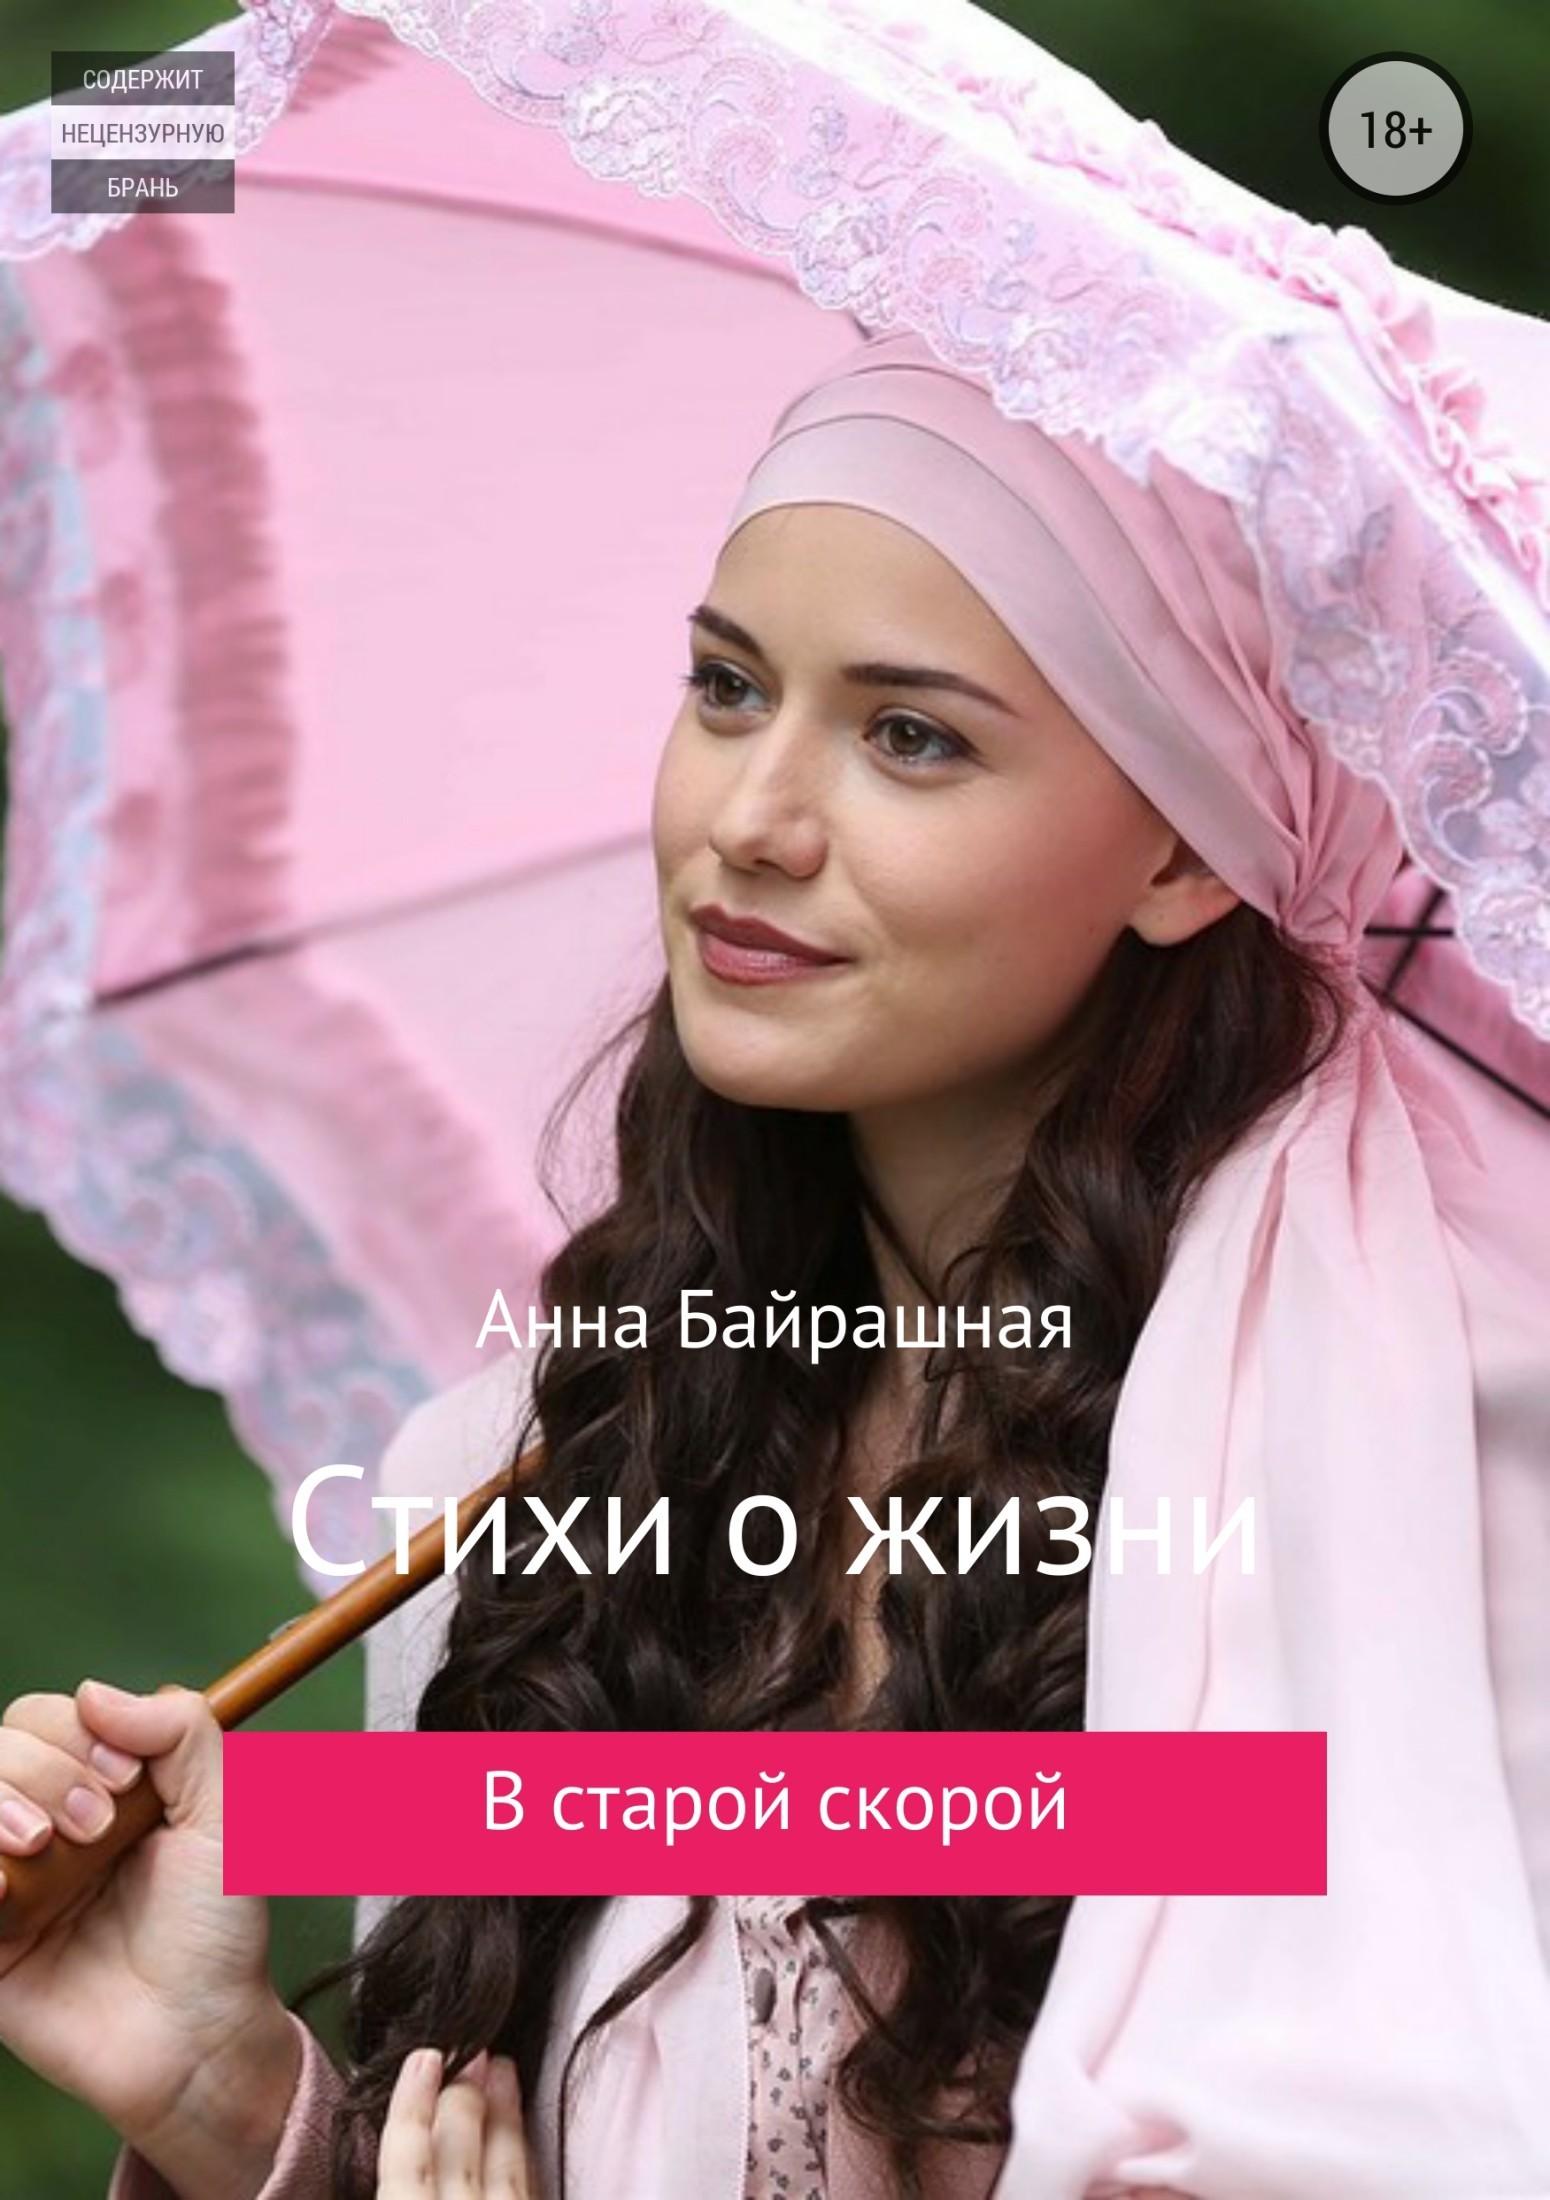 Анна Сергеевна Байрашная Стихи о жизни анна ивановна каика стихи